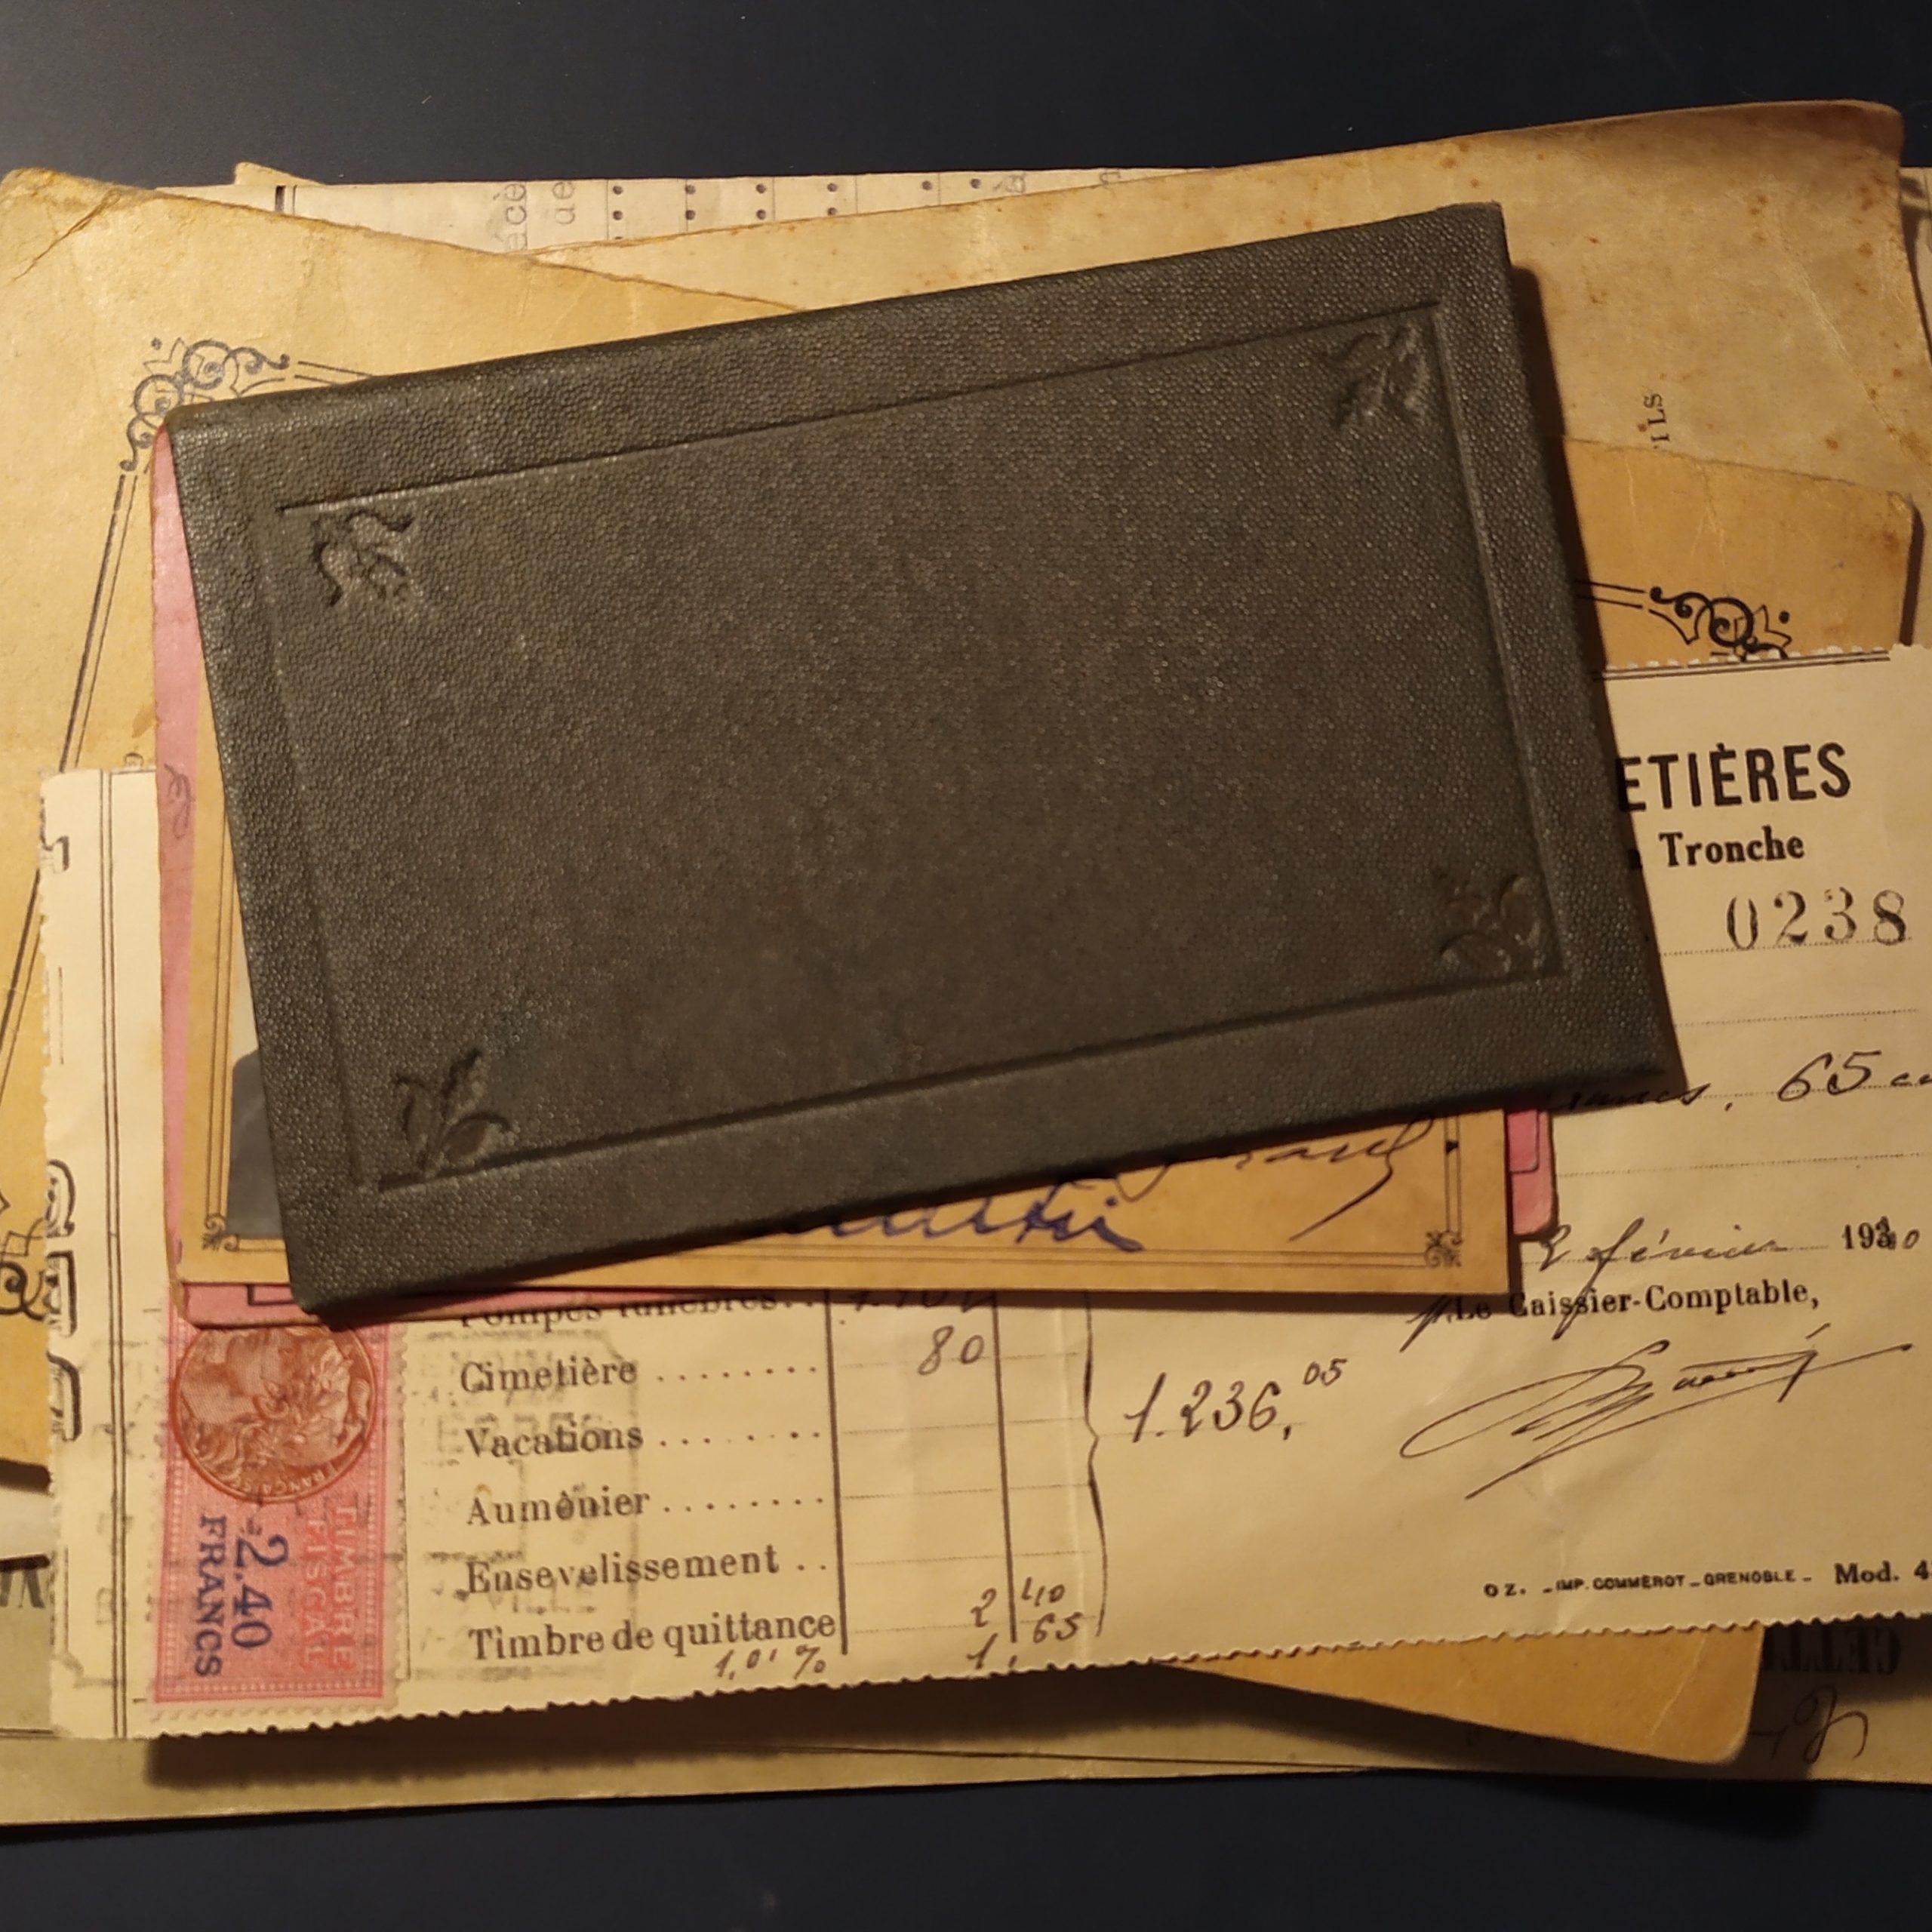 Les supports de jeu sont pour la plupart des documents authentiques de la seconde guerre mondiale